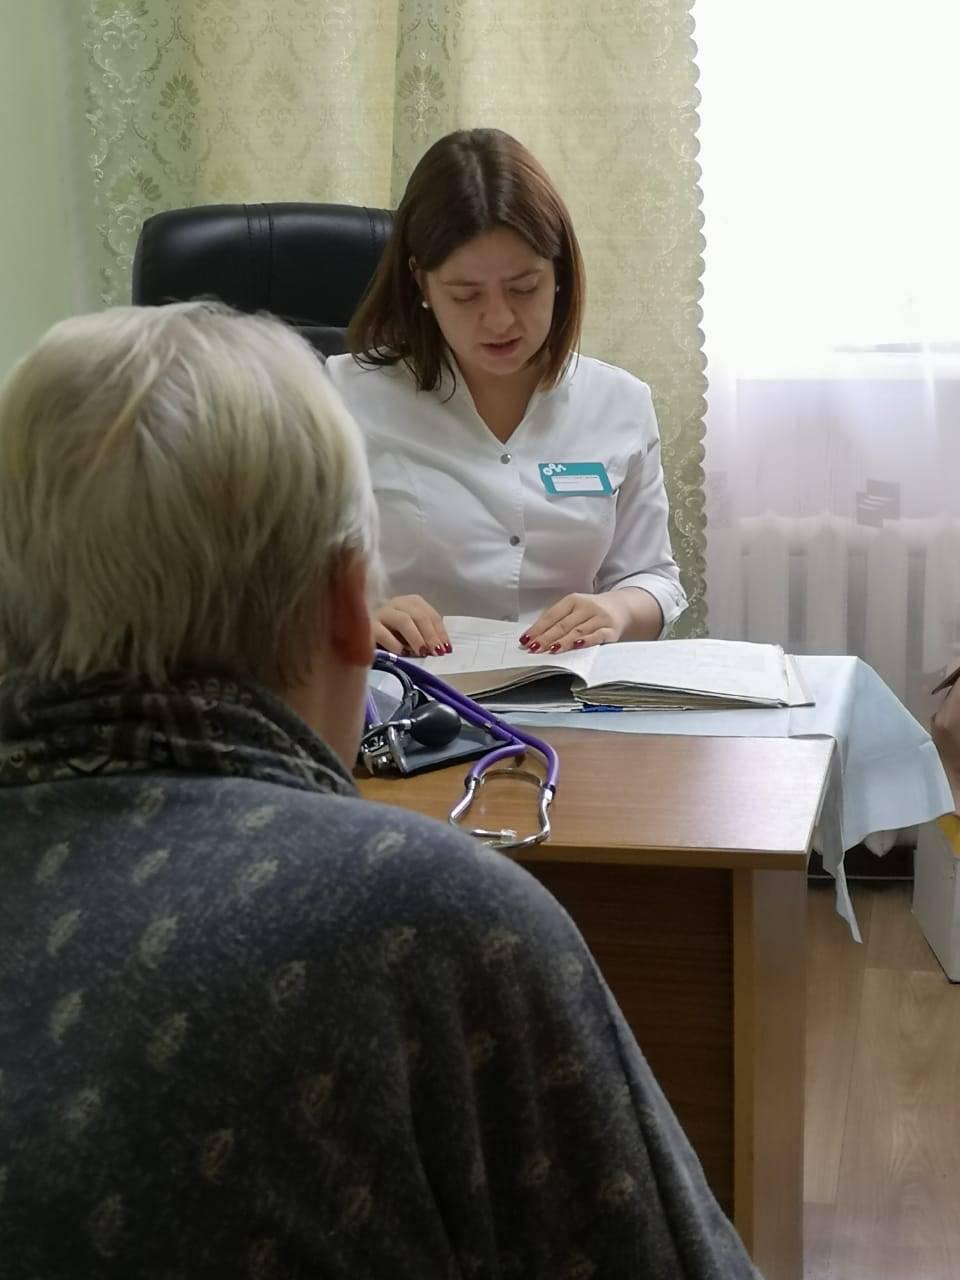 Высокие технологии и добрые сердца - в помощь пожилым